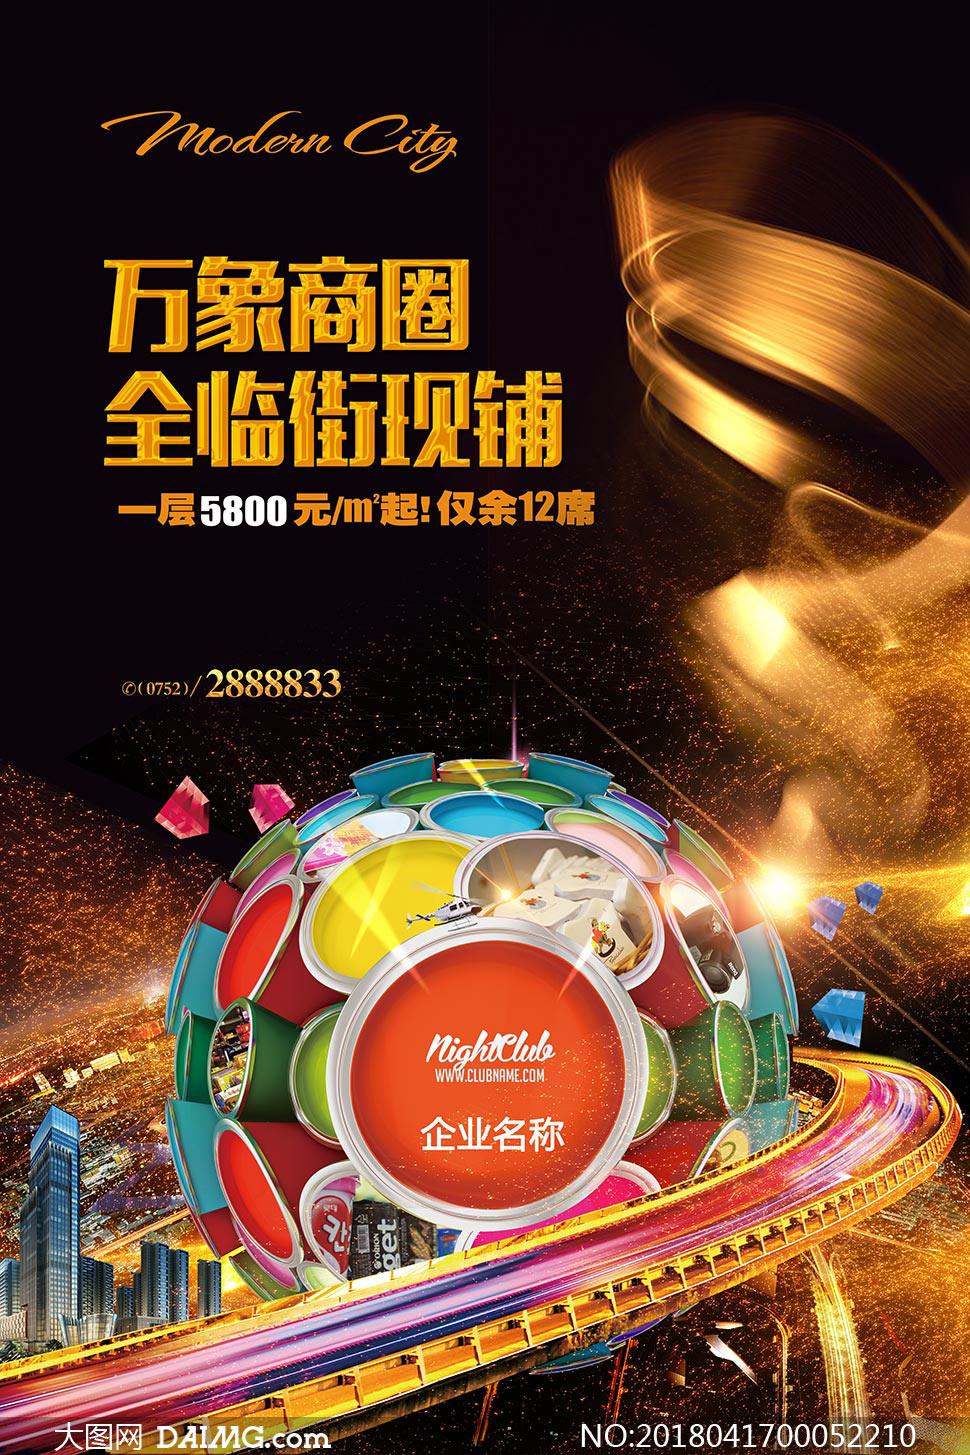 临街商铺宣传海报设计psd素材